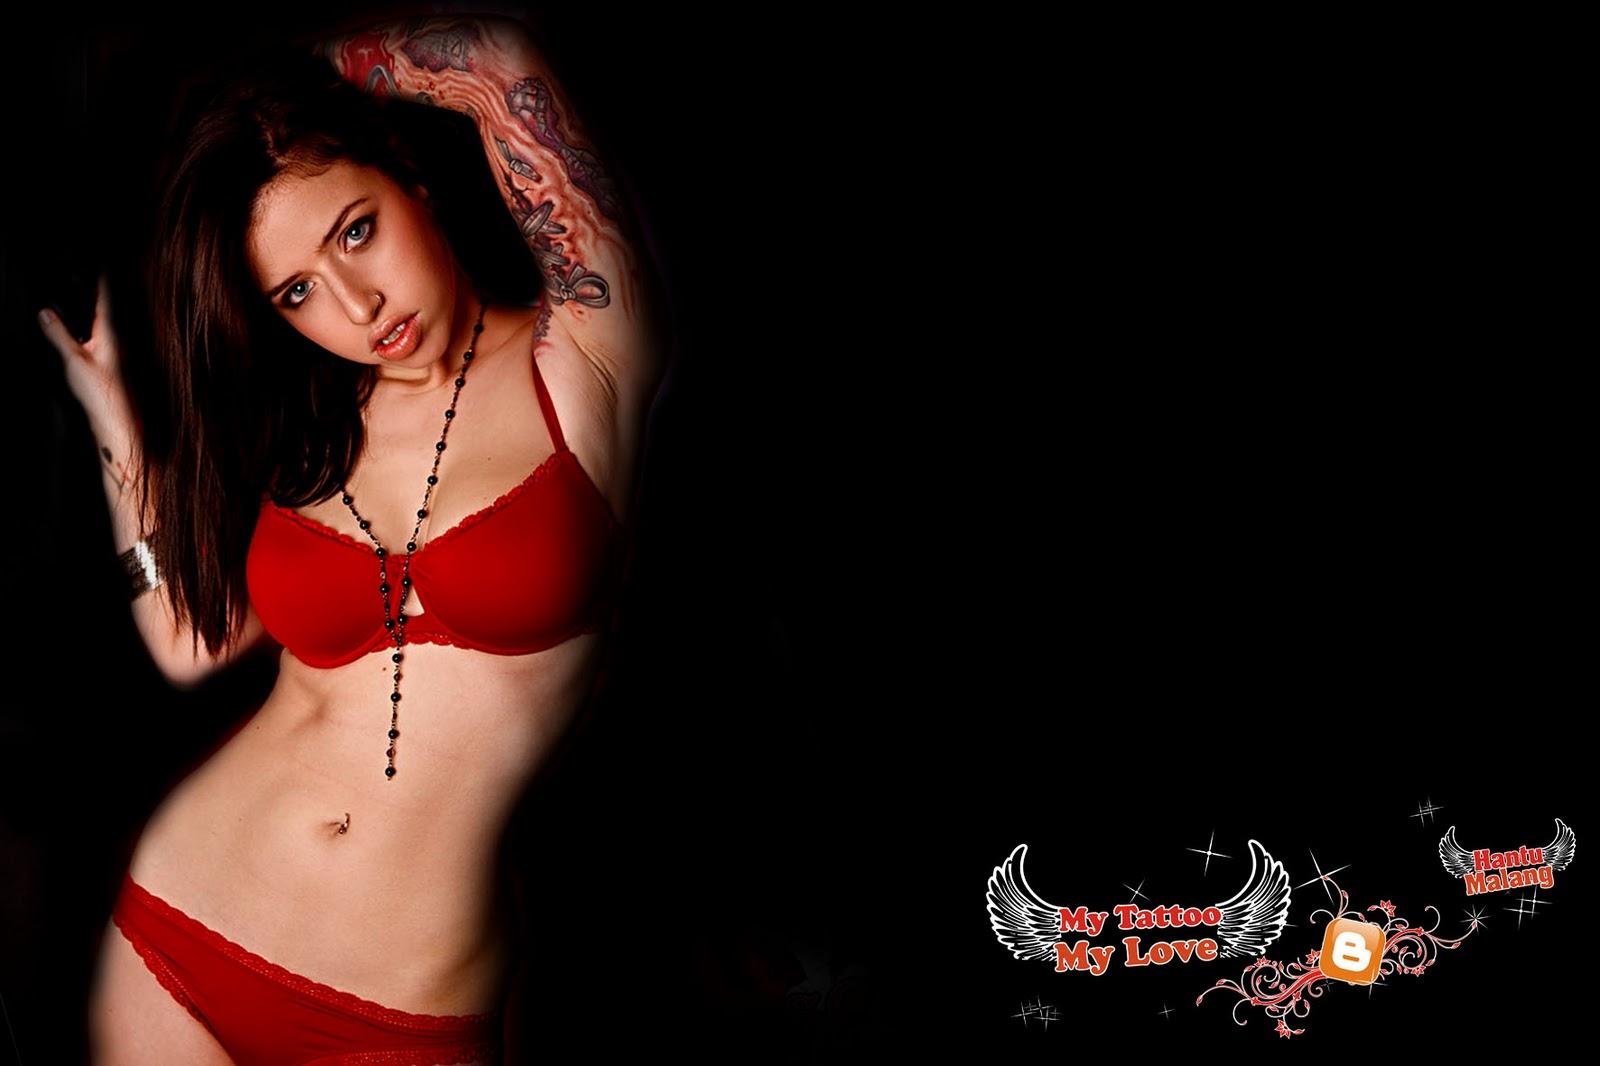 http://3.bp.blogspot.com/_0LM615GvXGs/TQnAIFuUlGI/AAAAAAAAAao/wTHzW-CKRus/s1600/Popular+My+Tattoo+My+Love.jpg